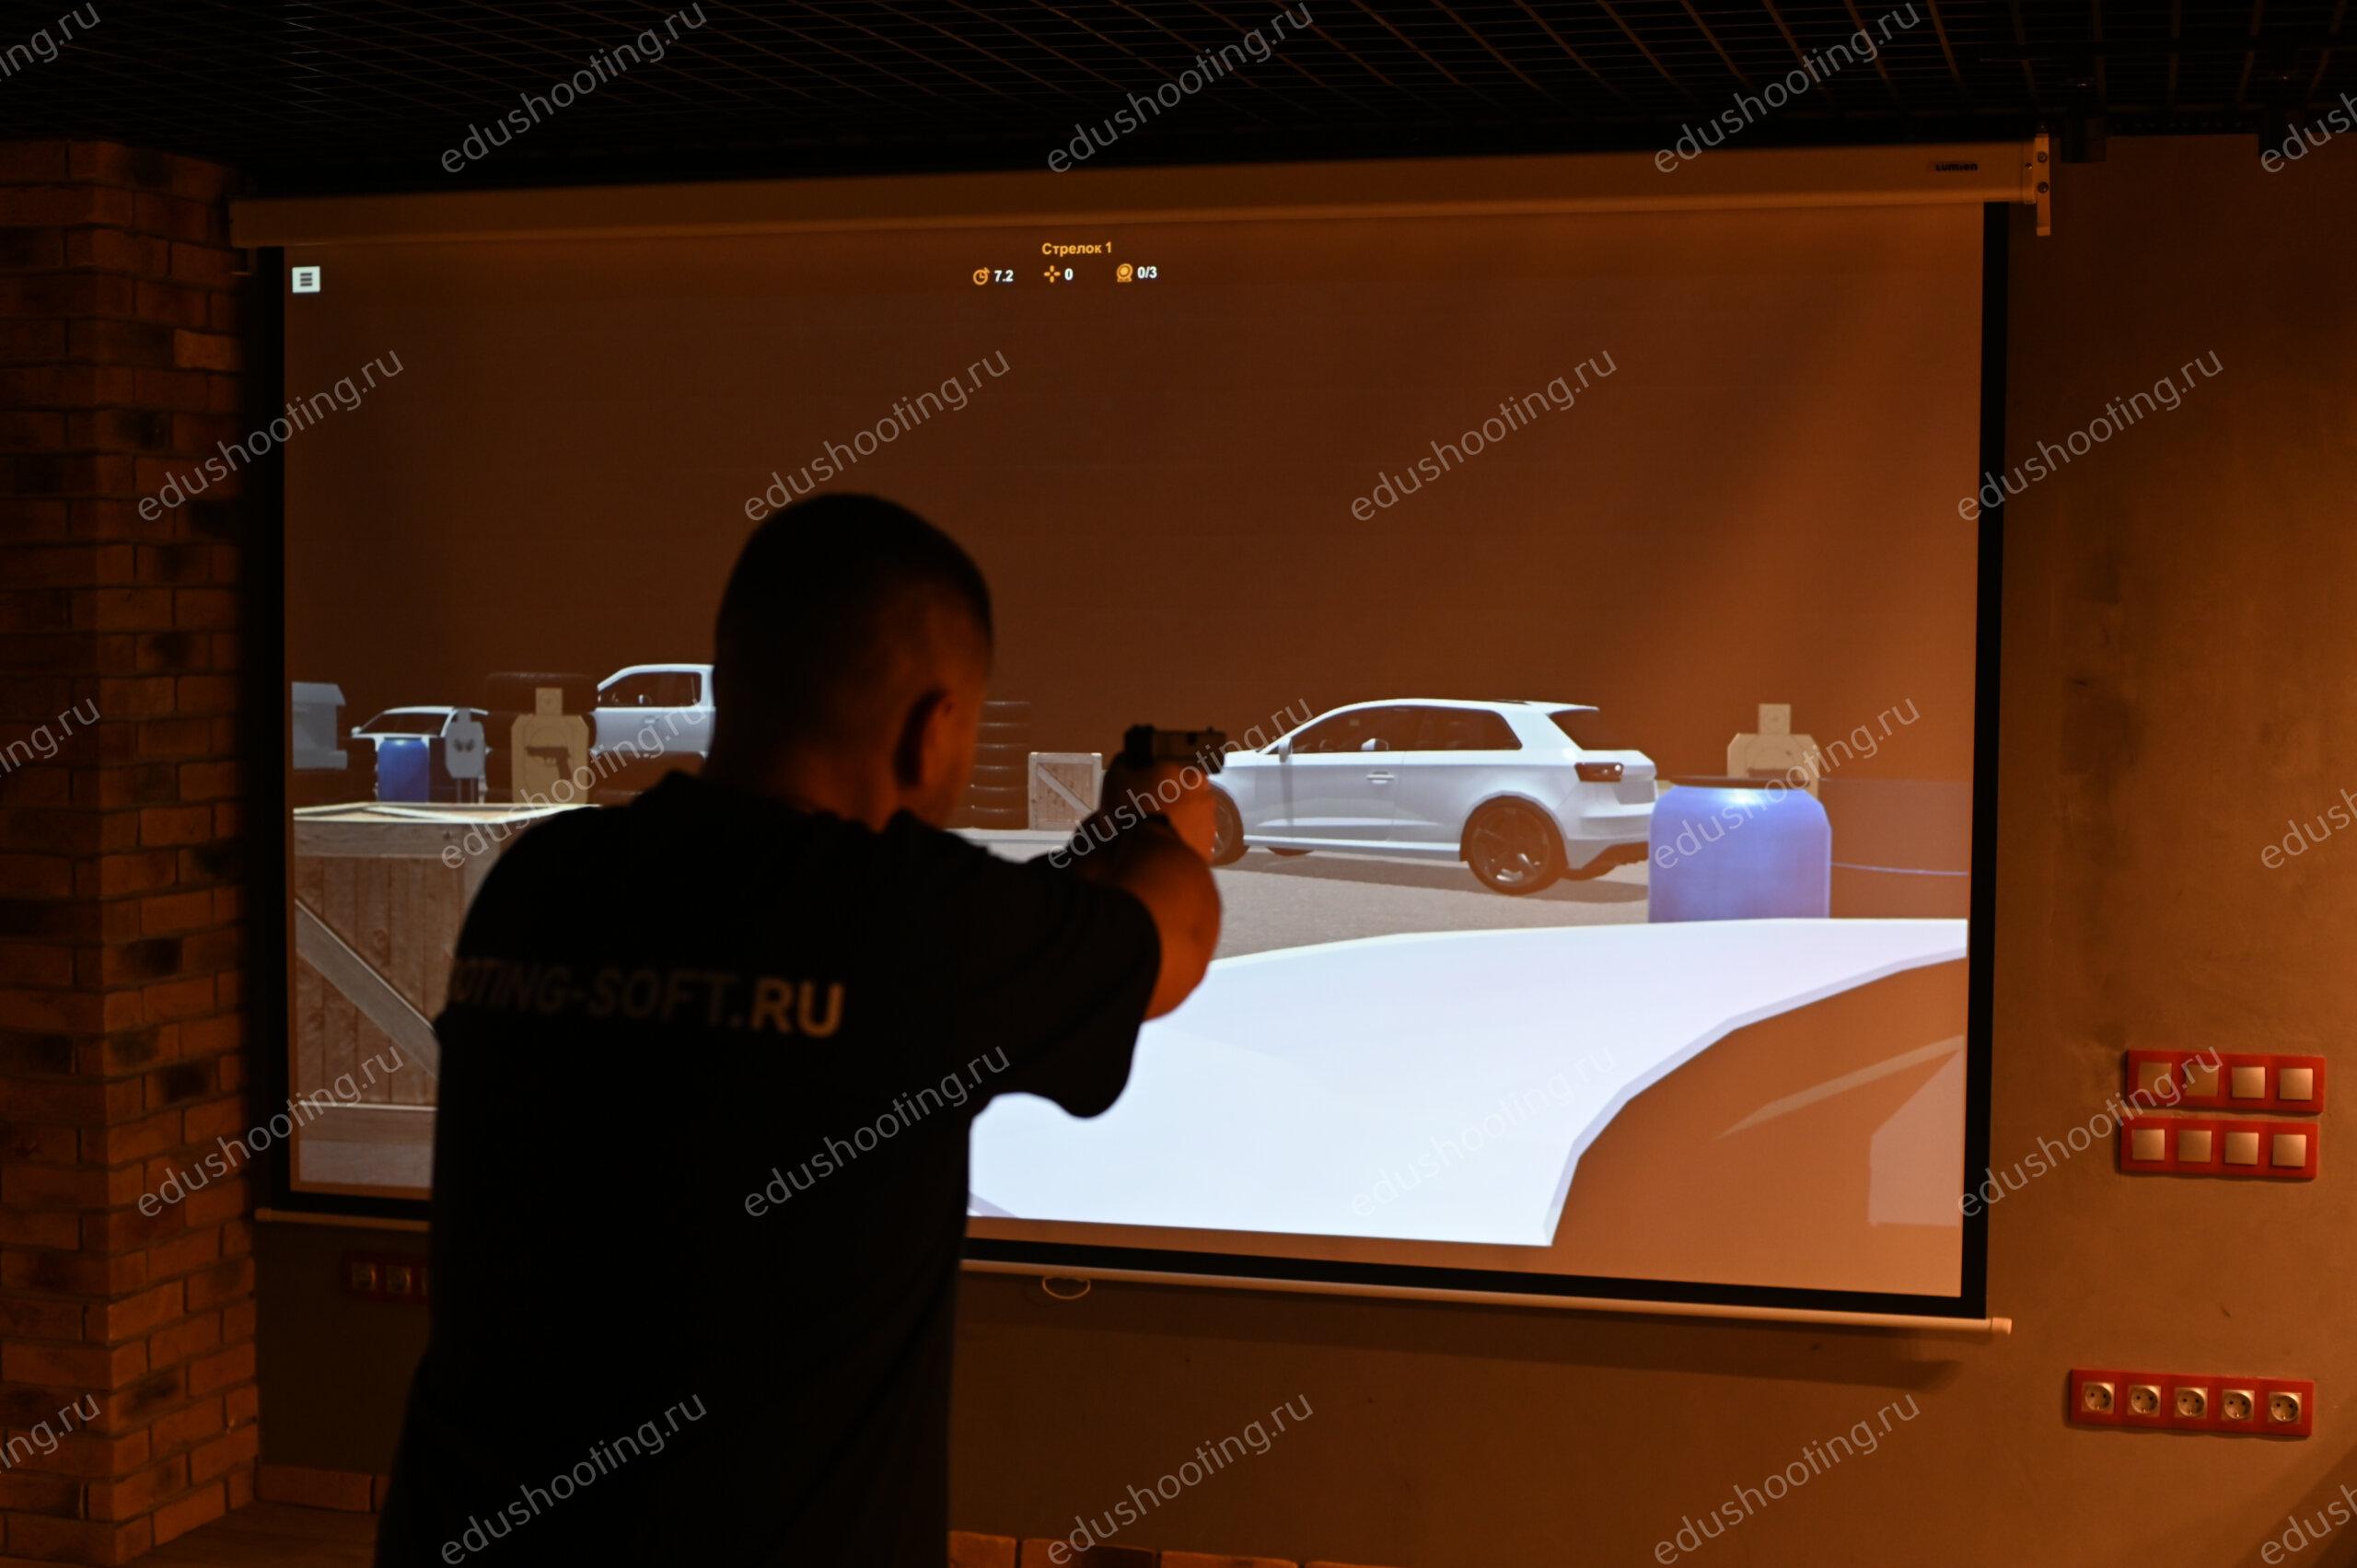 Стрельба по мишеням в интерактивном тире